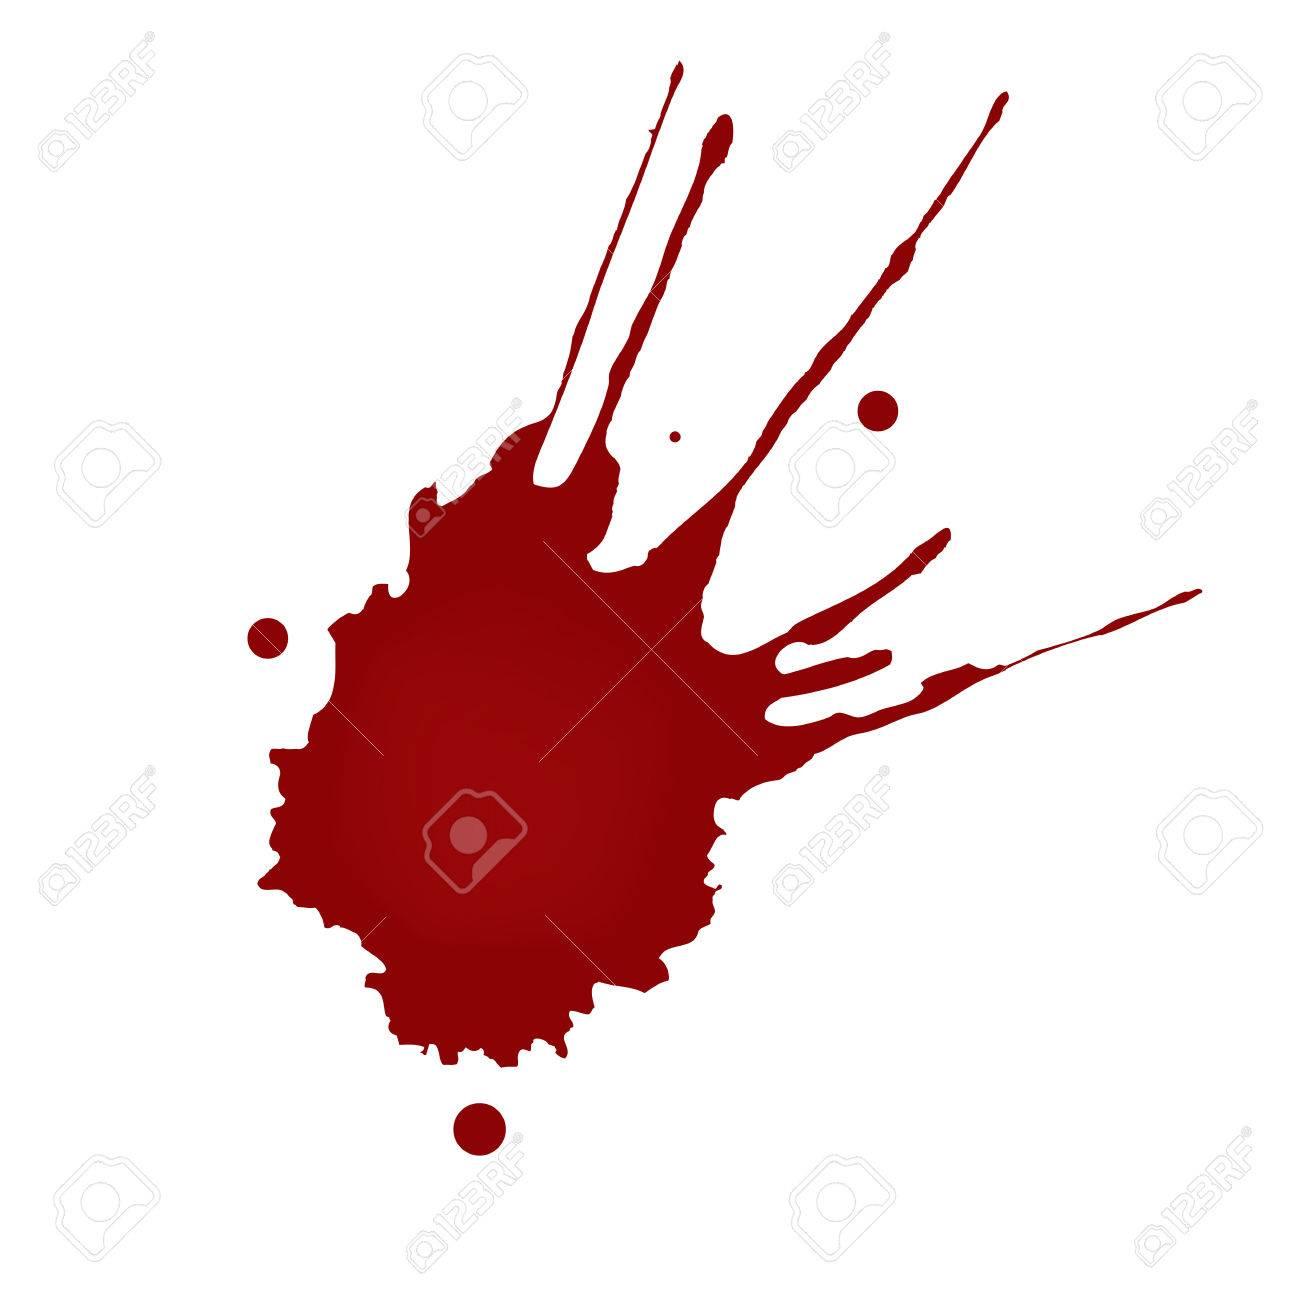 リアルな血しぶきのイラスト素材ベクタ Image 50142915